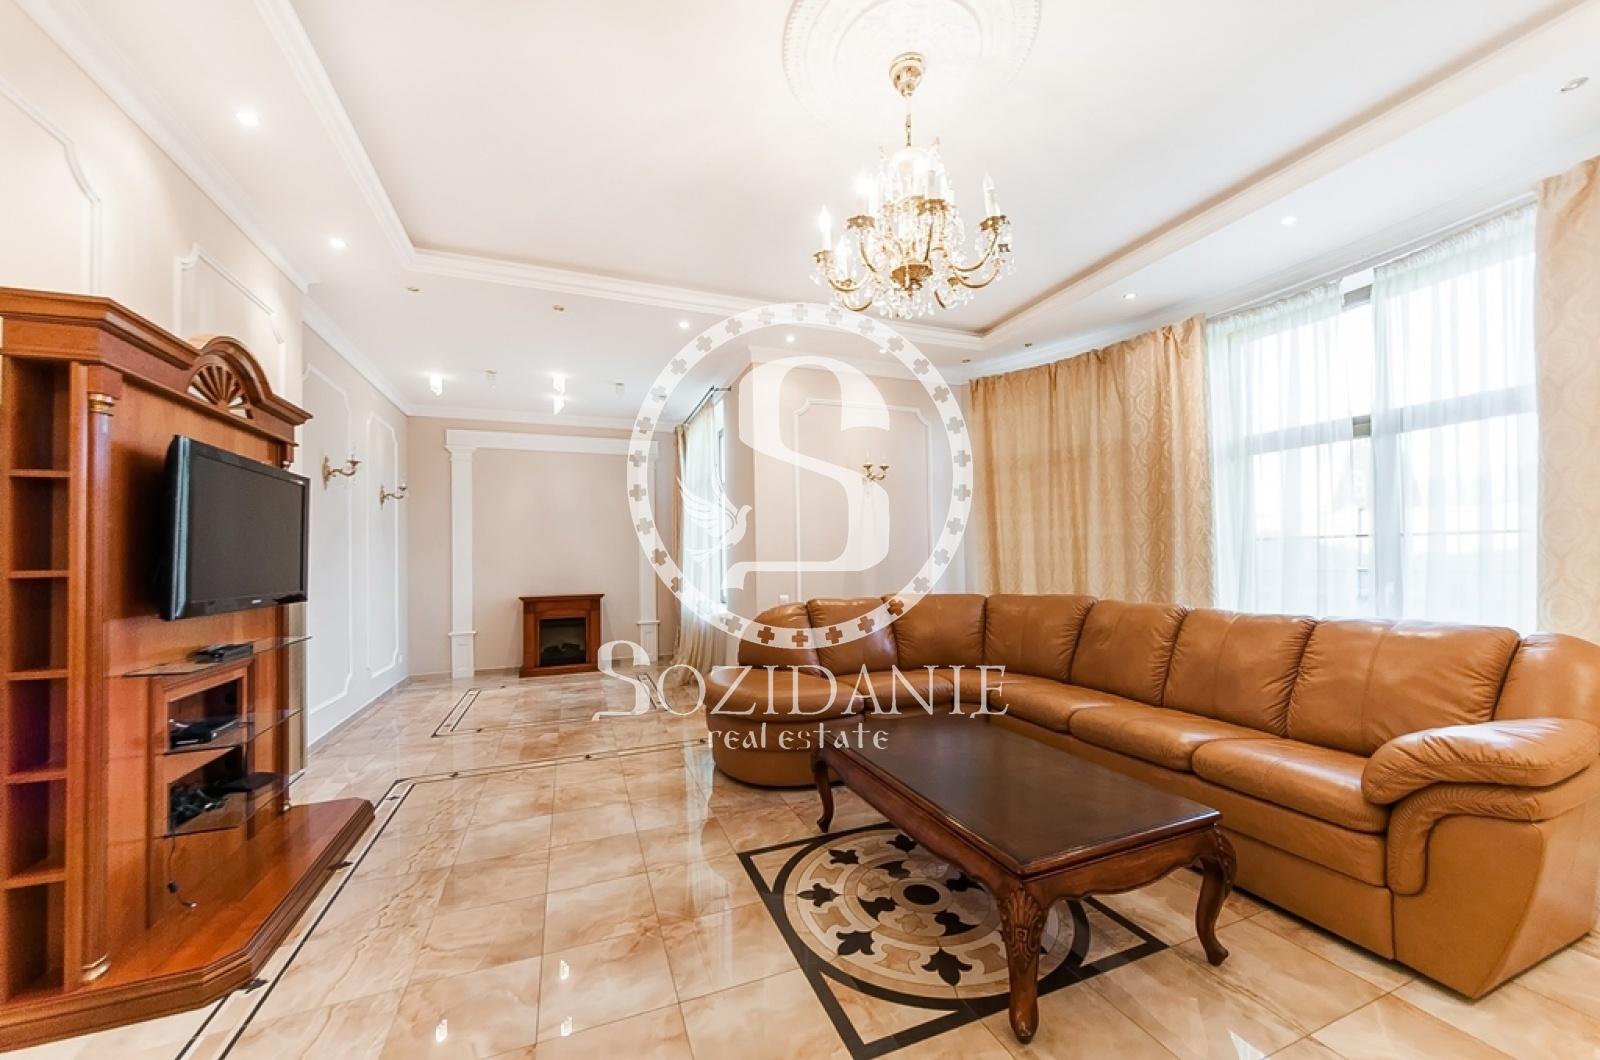 4 Bedrooms, Загородная, Аренда, Listing ID 1139, Московская область, Россия,